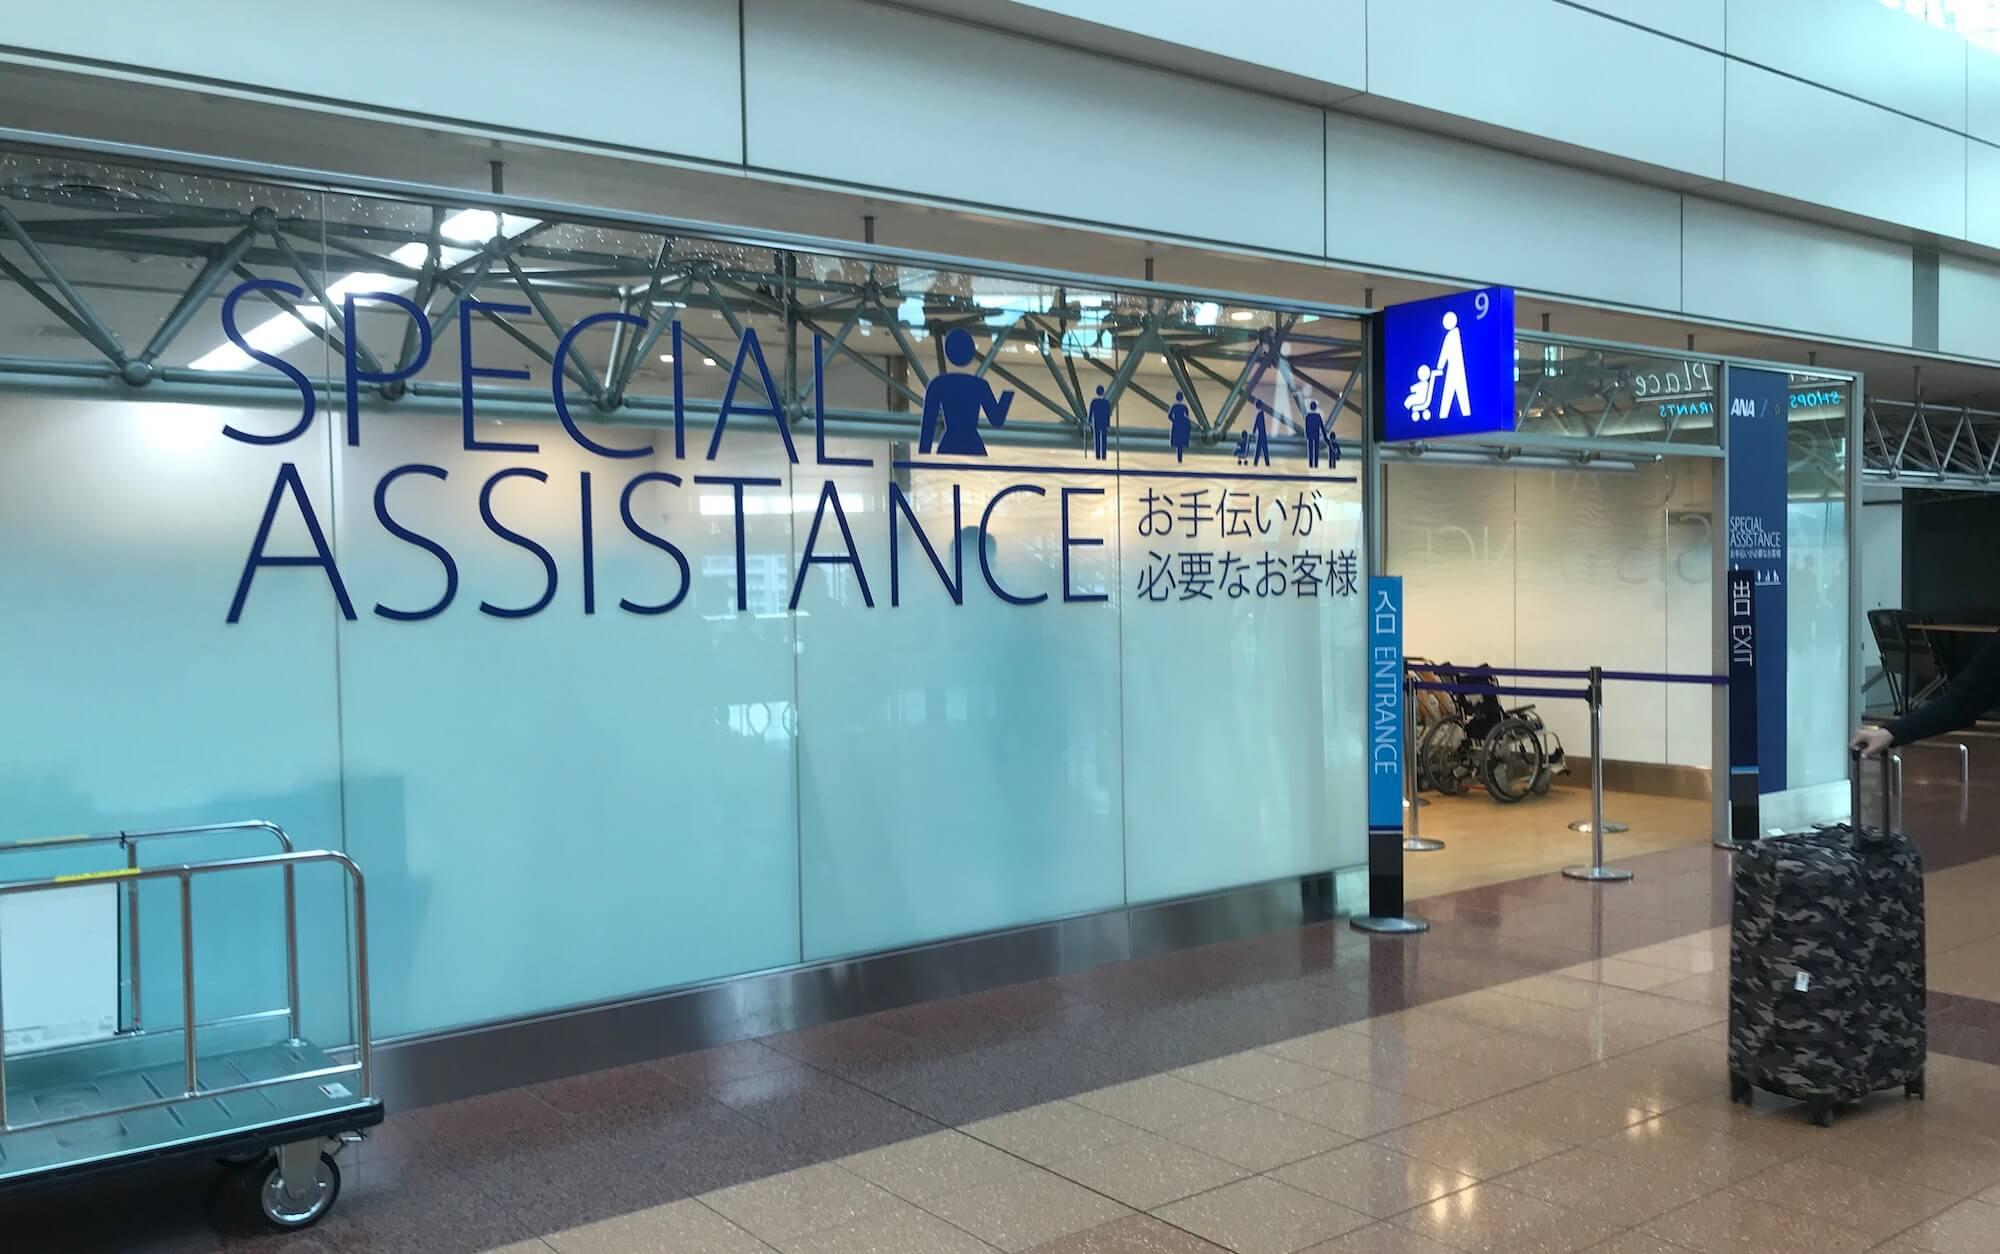 羽田空港のお手伝いが必要なお客様の専用カウンター